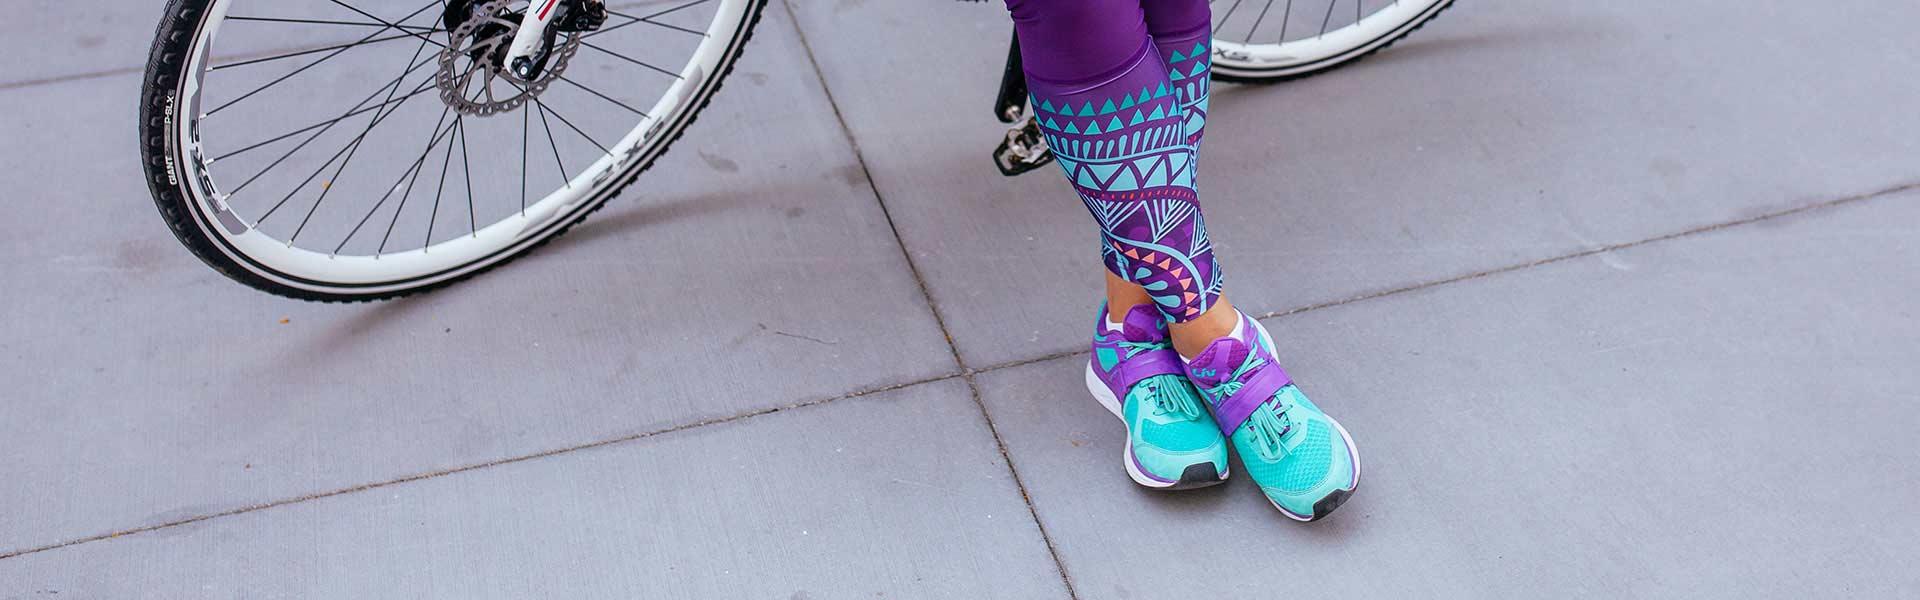 Avida   Liv Cycling Official site